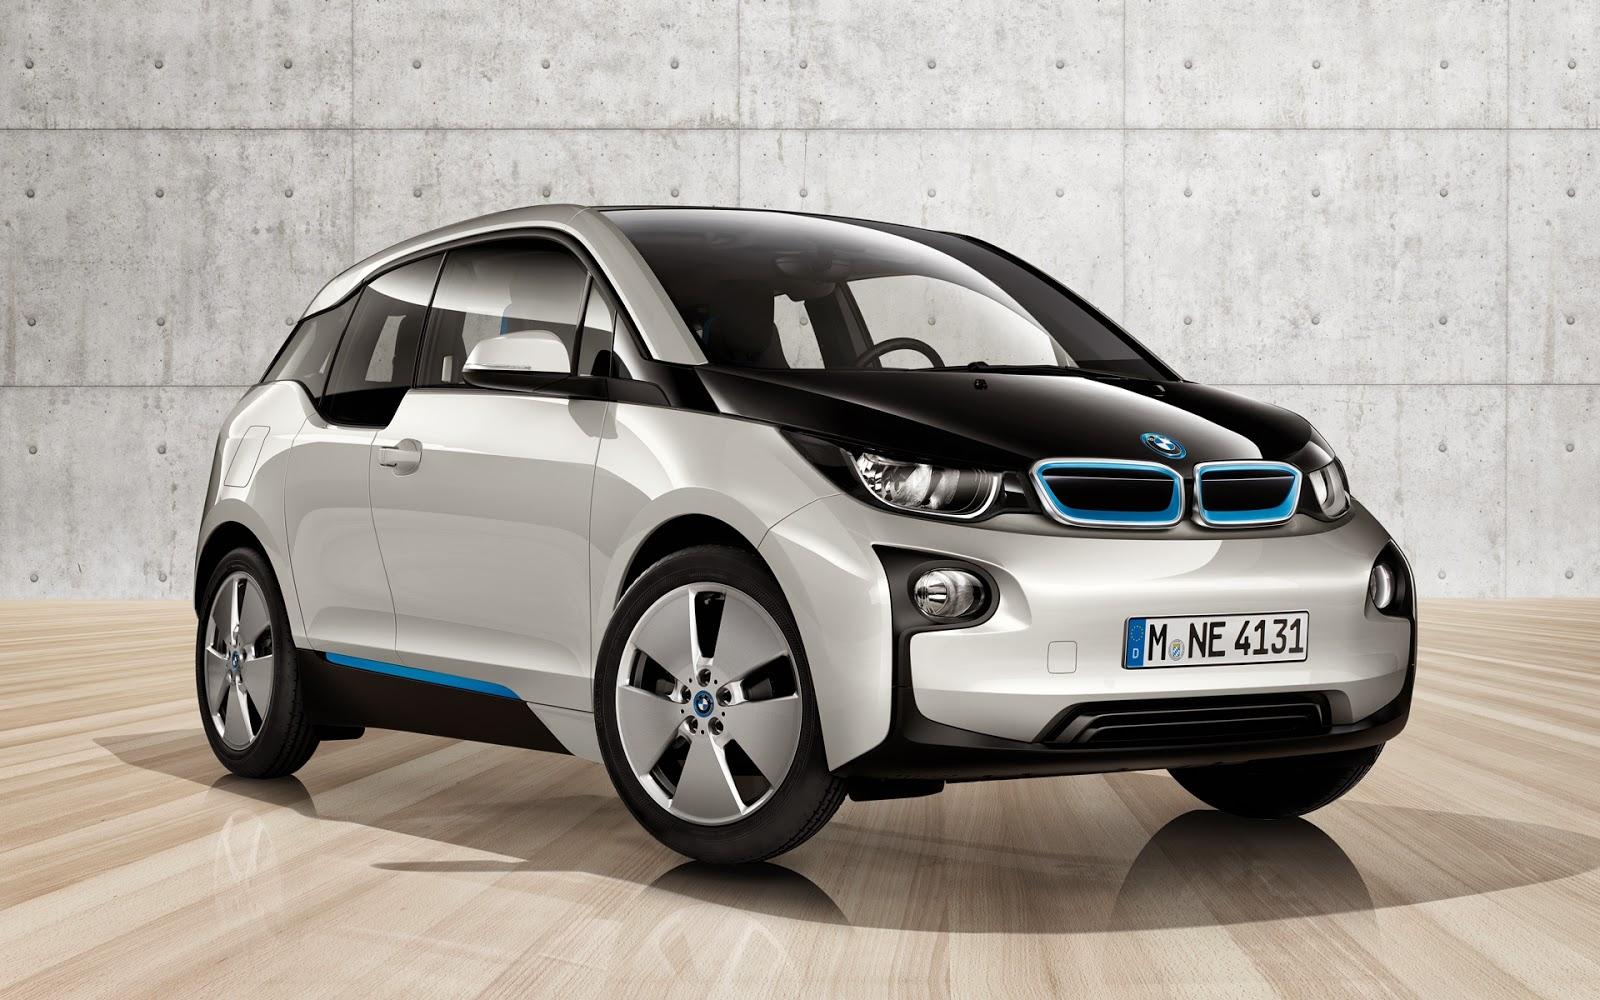 El nuevo BMW i3 eléctrico